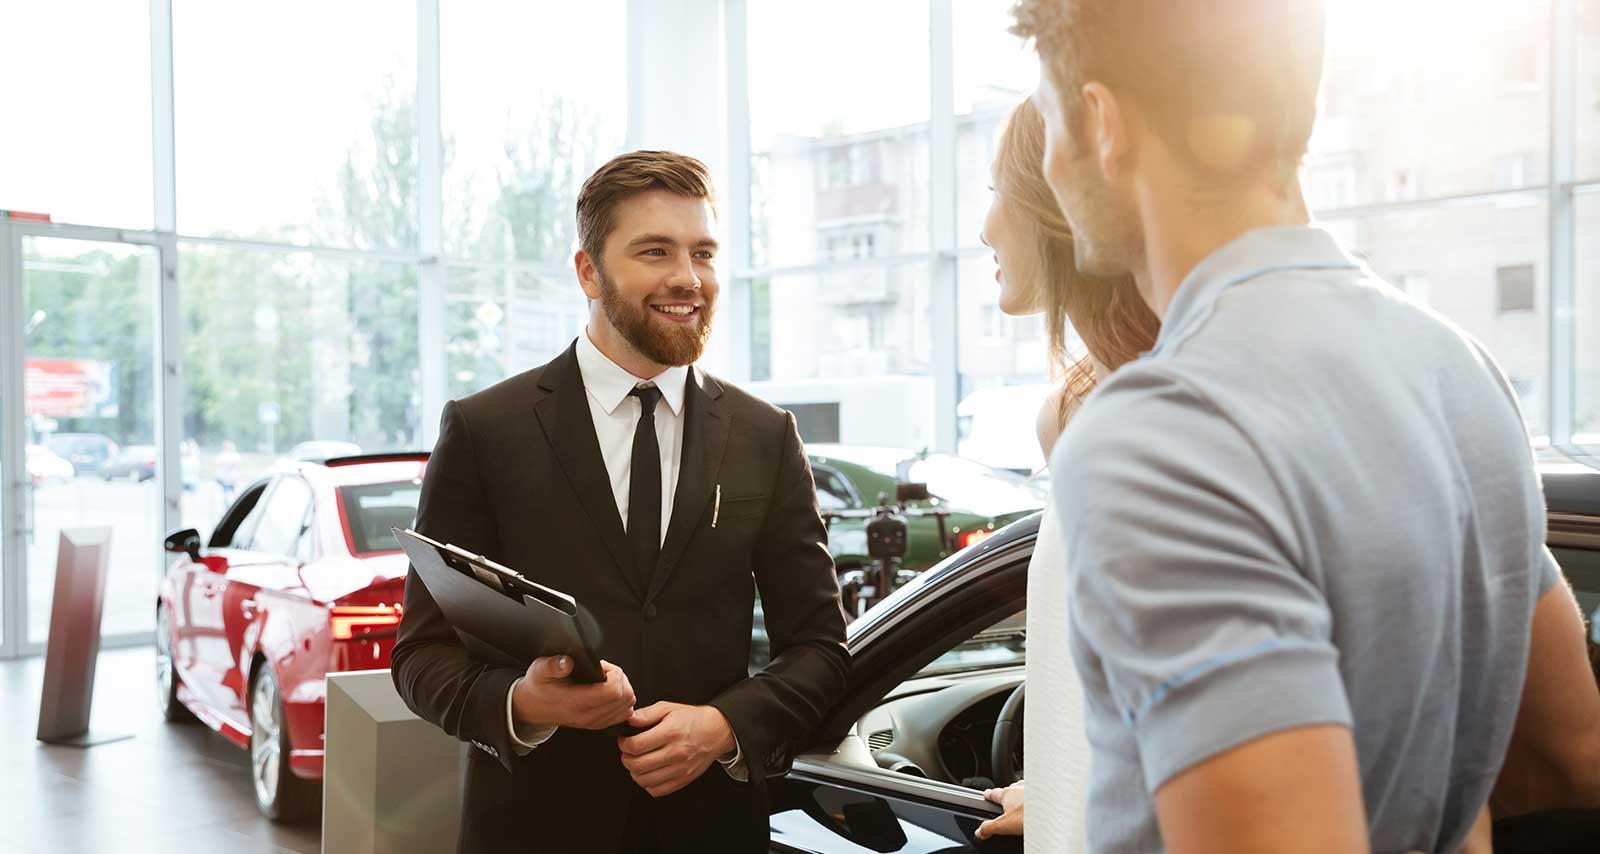 Mann stellt Auto-Abo potentielle Kunden vor.